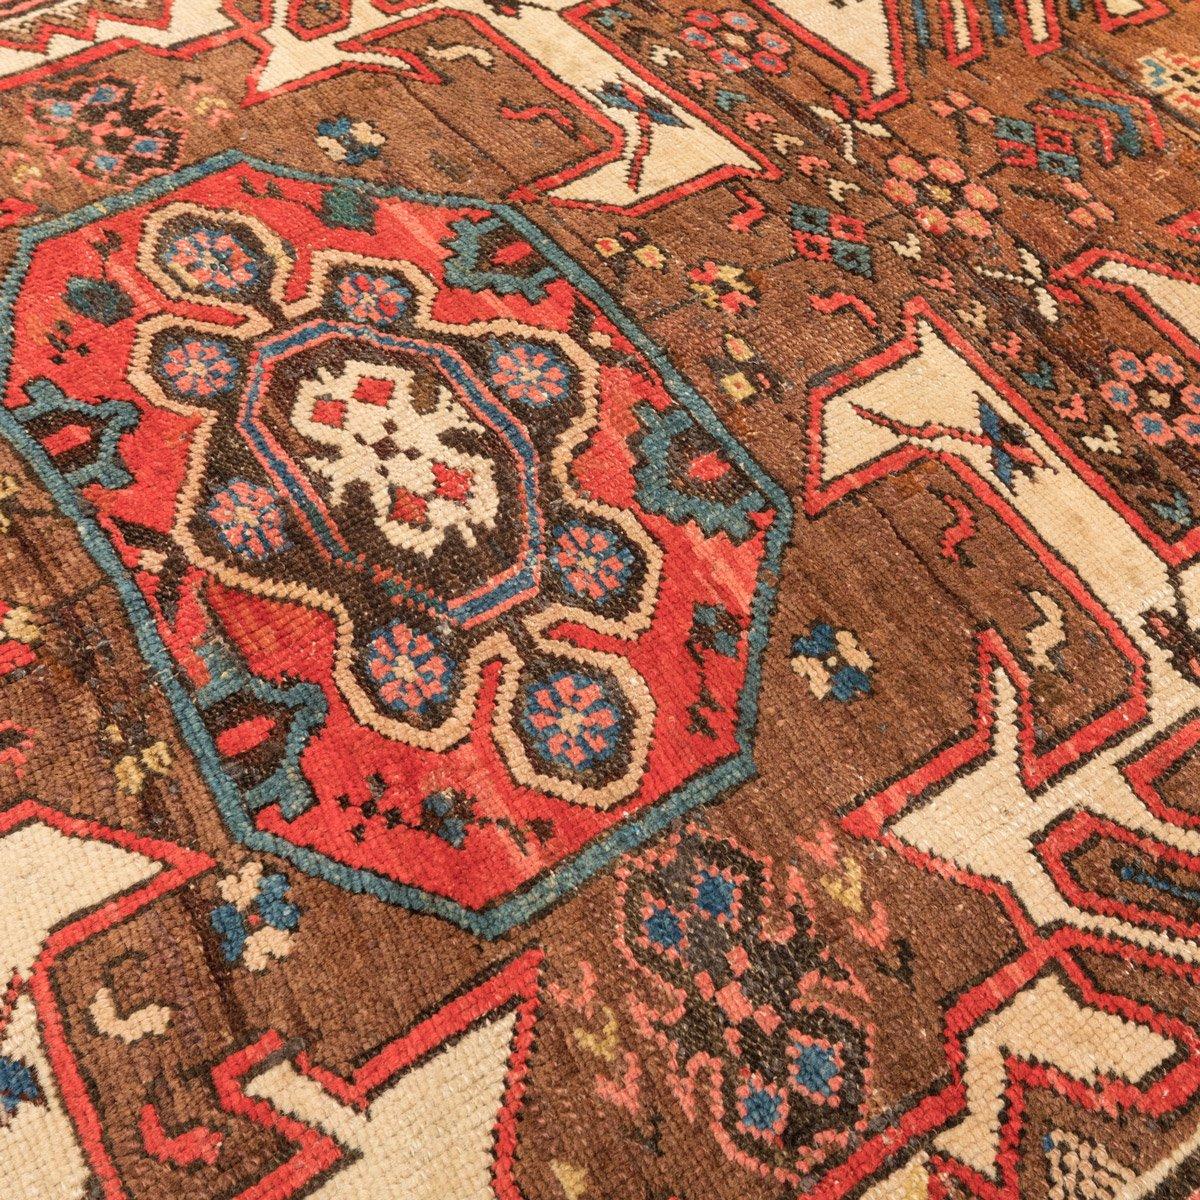 tapis kazakh caucasien antique avec motifs g om triques. Black Bedroom Furniture Sets. Home Design Ideas